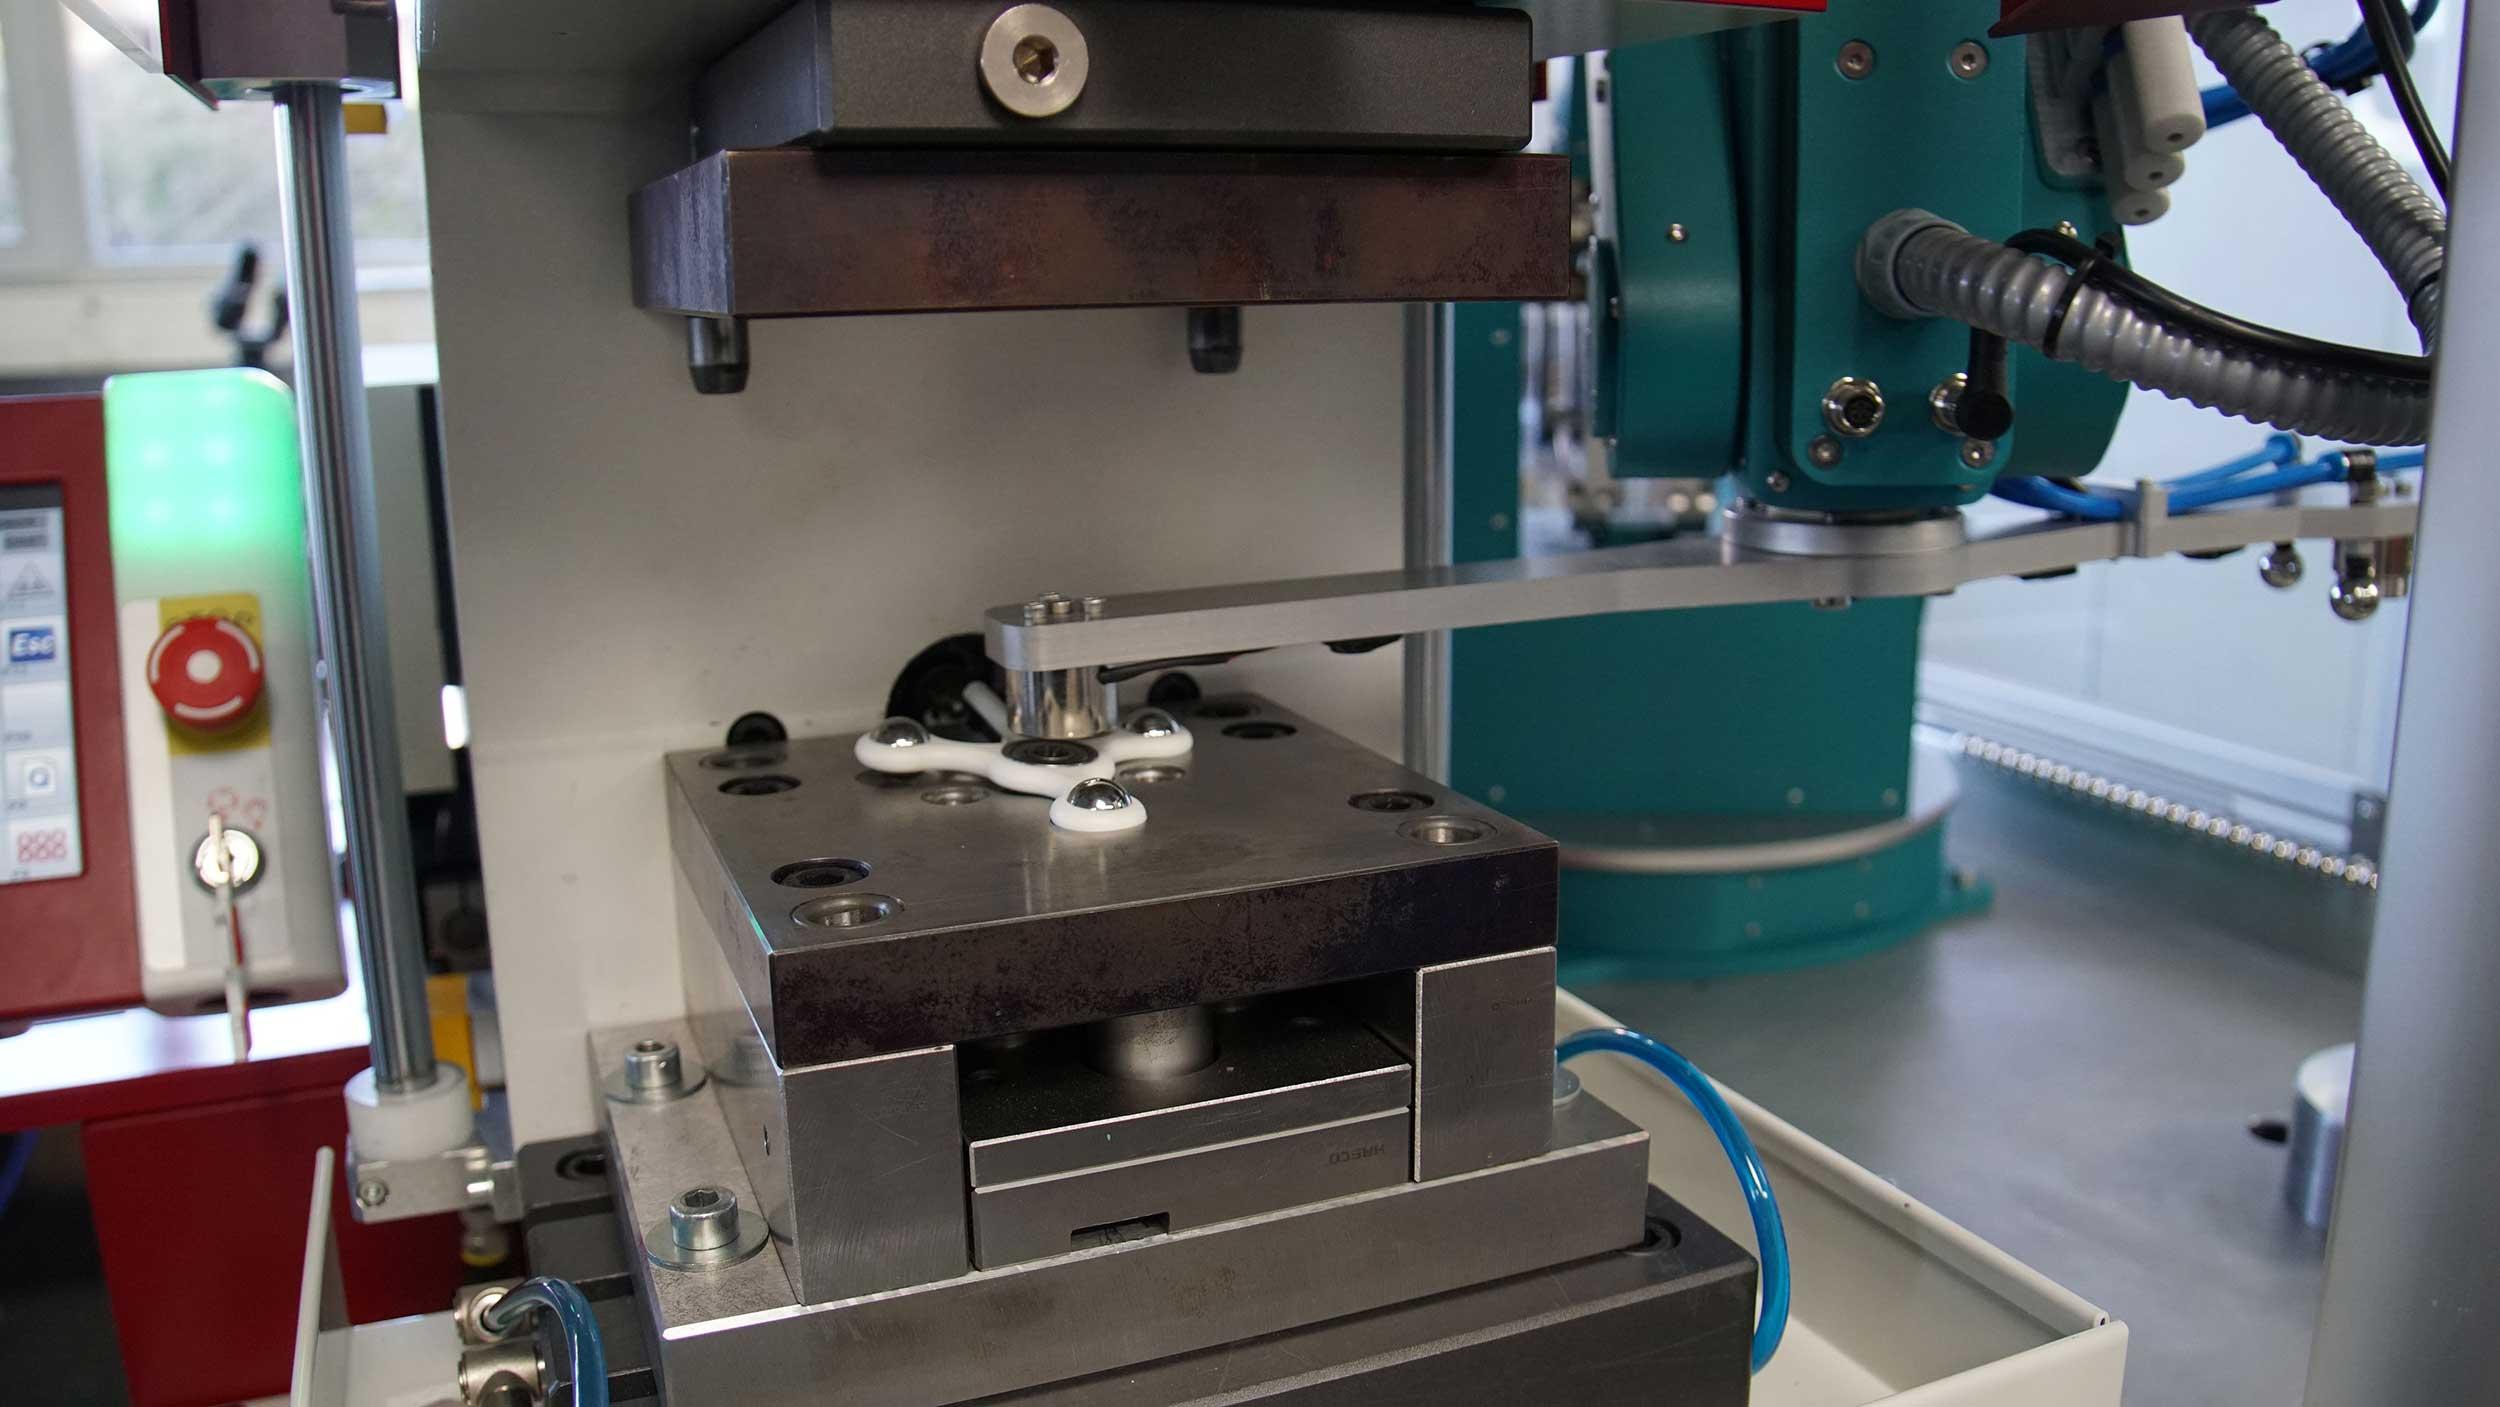 fruitcore-robotics-Roboter-für-Kunststoffverarveitung-Verarbeiten